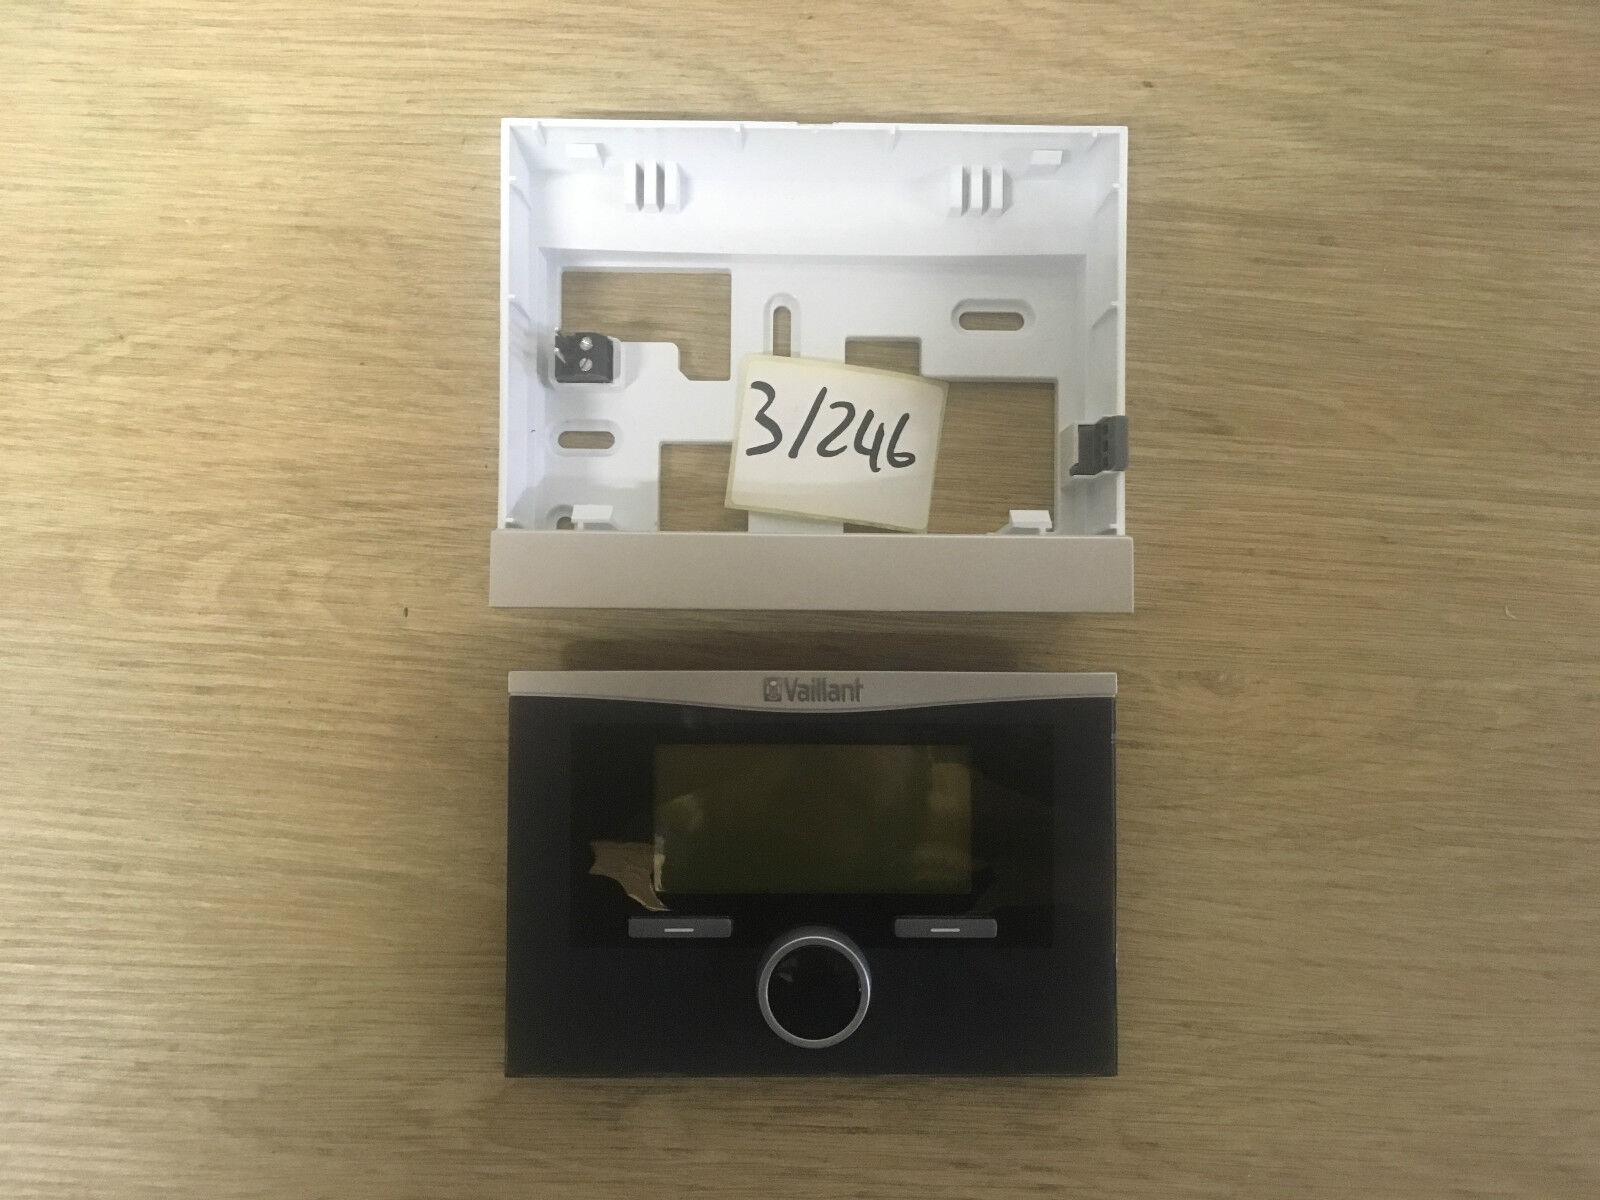 Vaillant calorMATIC 370 Digital Regler Raumtemperaturregler Nr.3/246